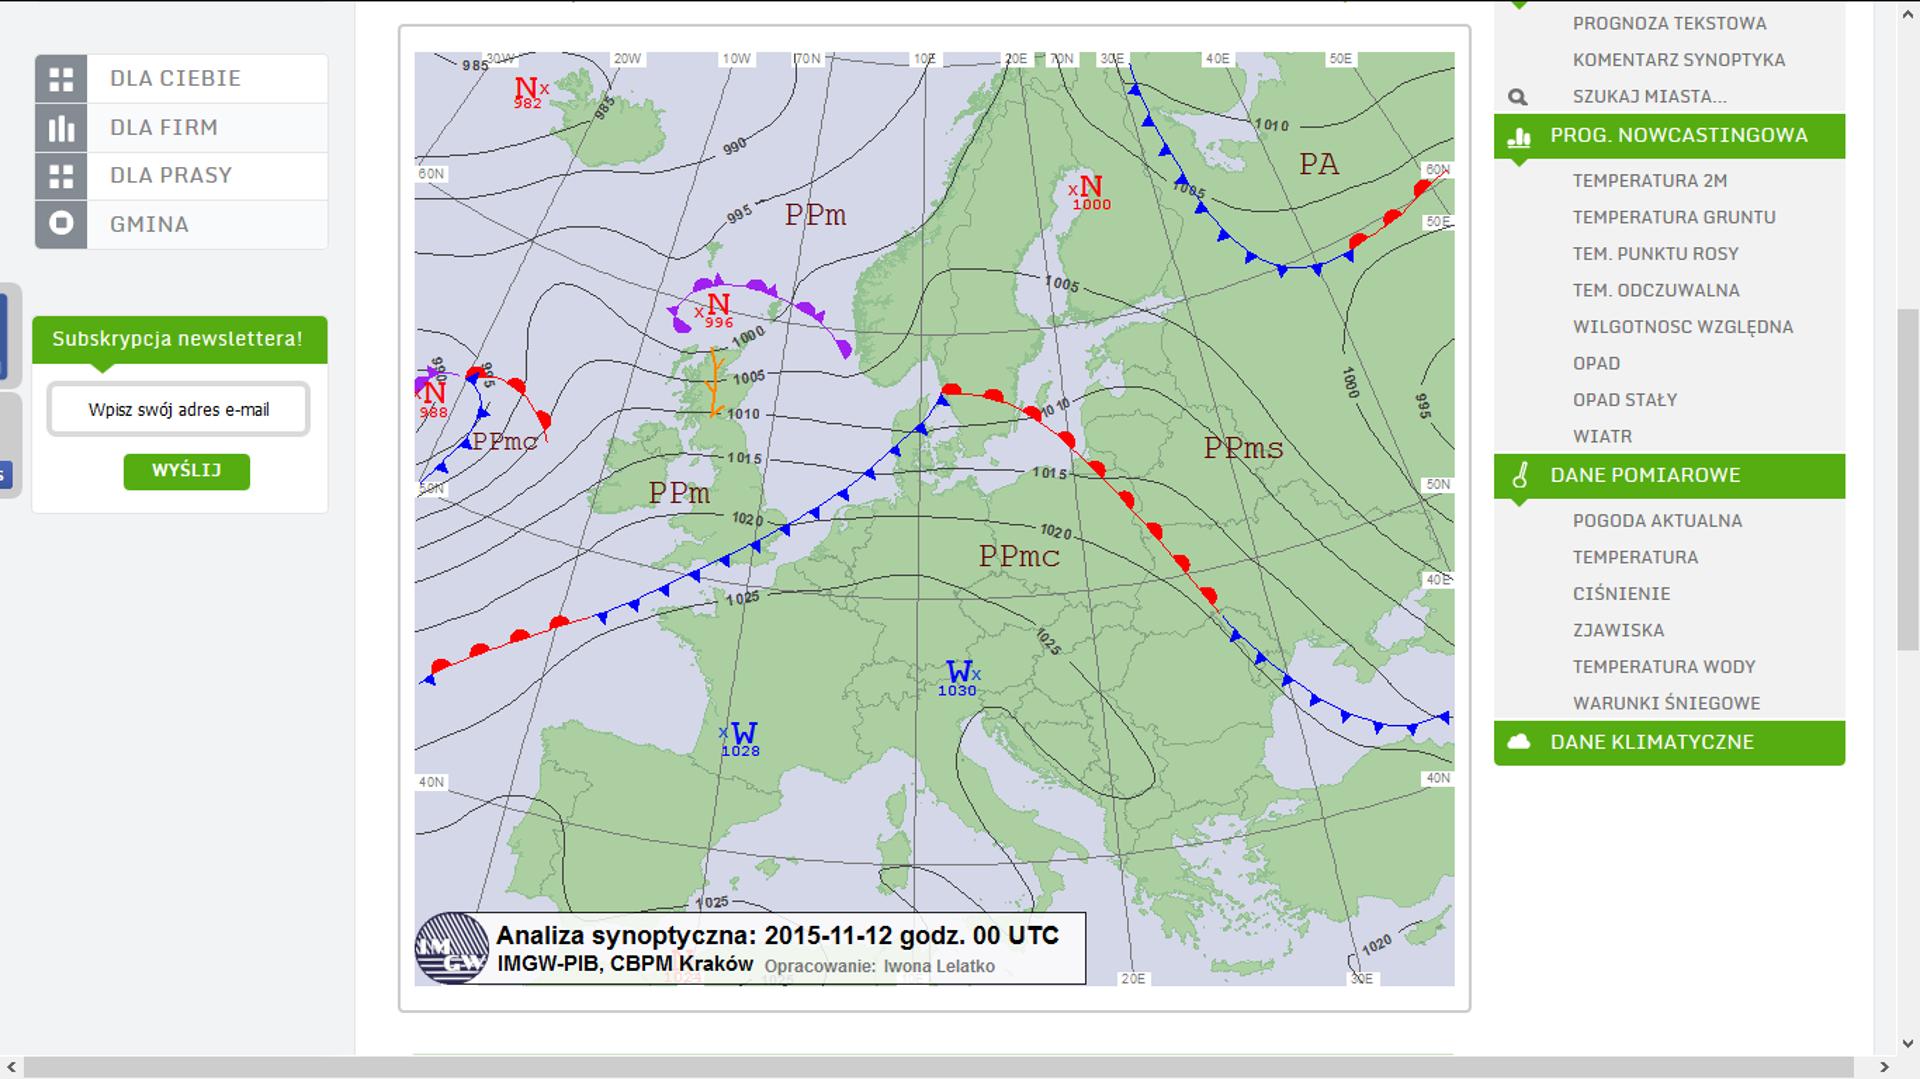 Na ilustracji mapa pogody dla Europy. Lądy zielone, wody niebieskie. Zaznaczone ośrodki niżowe na północy, nad wodami iwyżowe na południu, nad lądem. Opisane izobary. Oznaczone masy powietrza PPm – na północy nad morzem, PA – na połnocy nad lądem, PPm – nad Wielką Brytanią, PPms - nad Białorusią , PPmc – nad Polską .